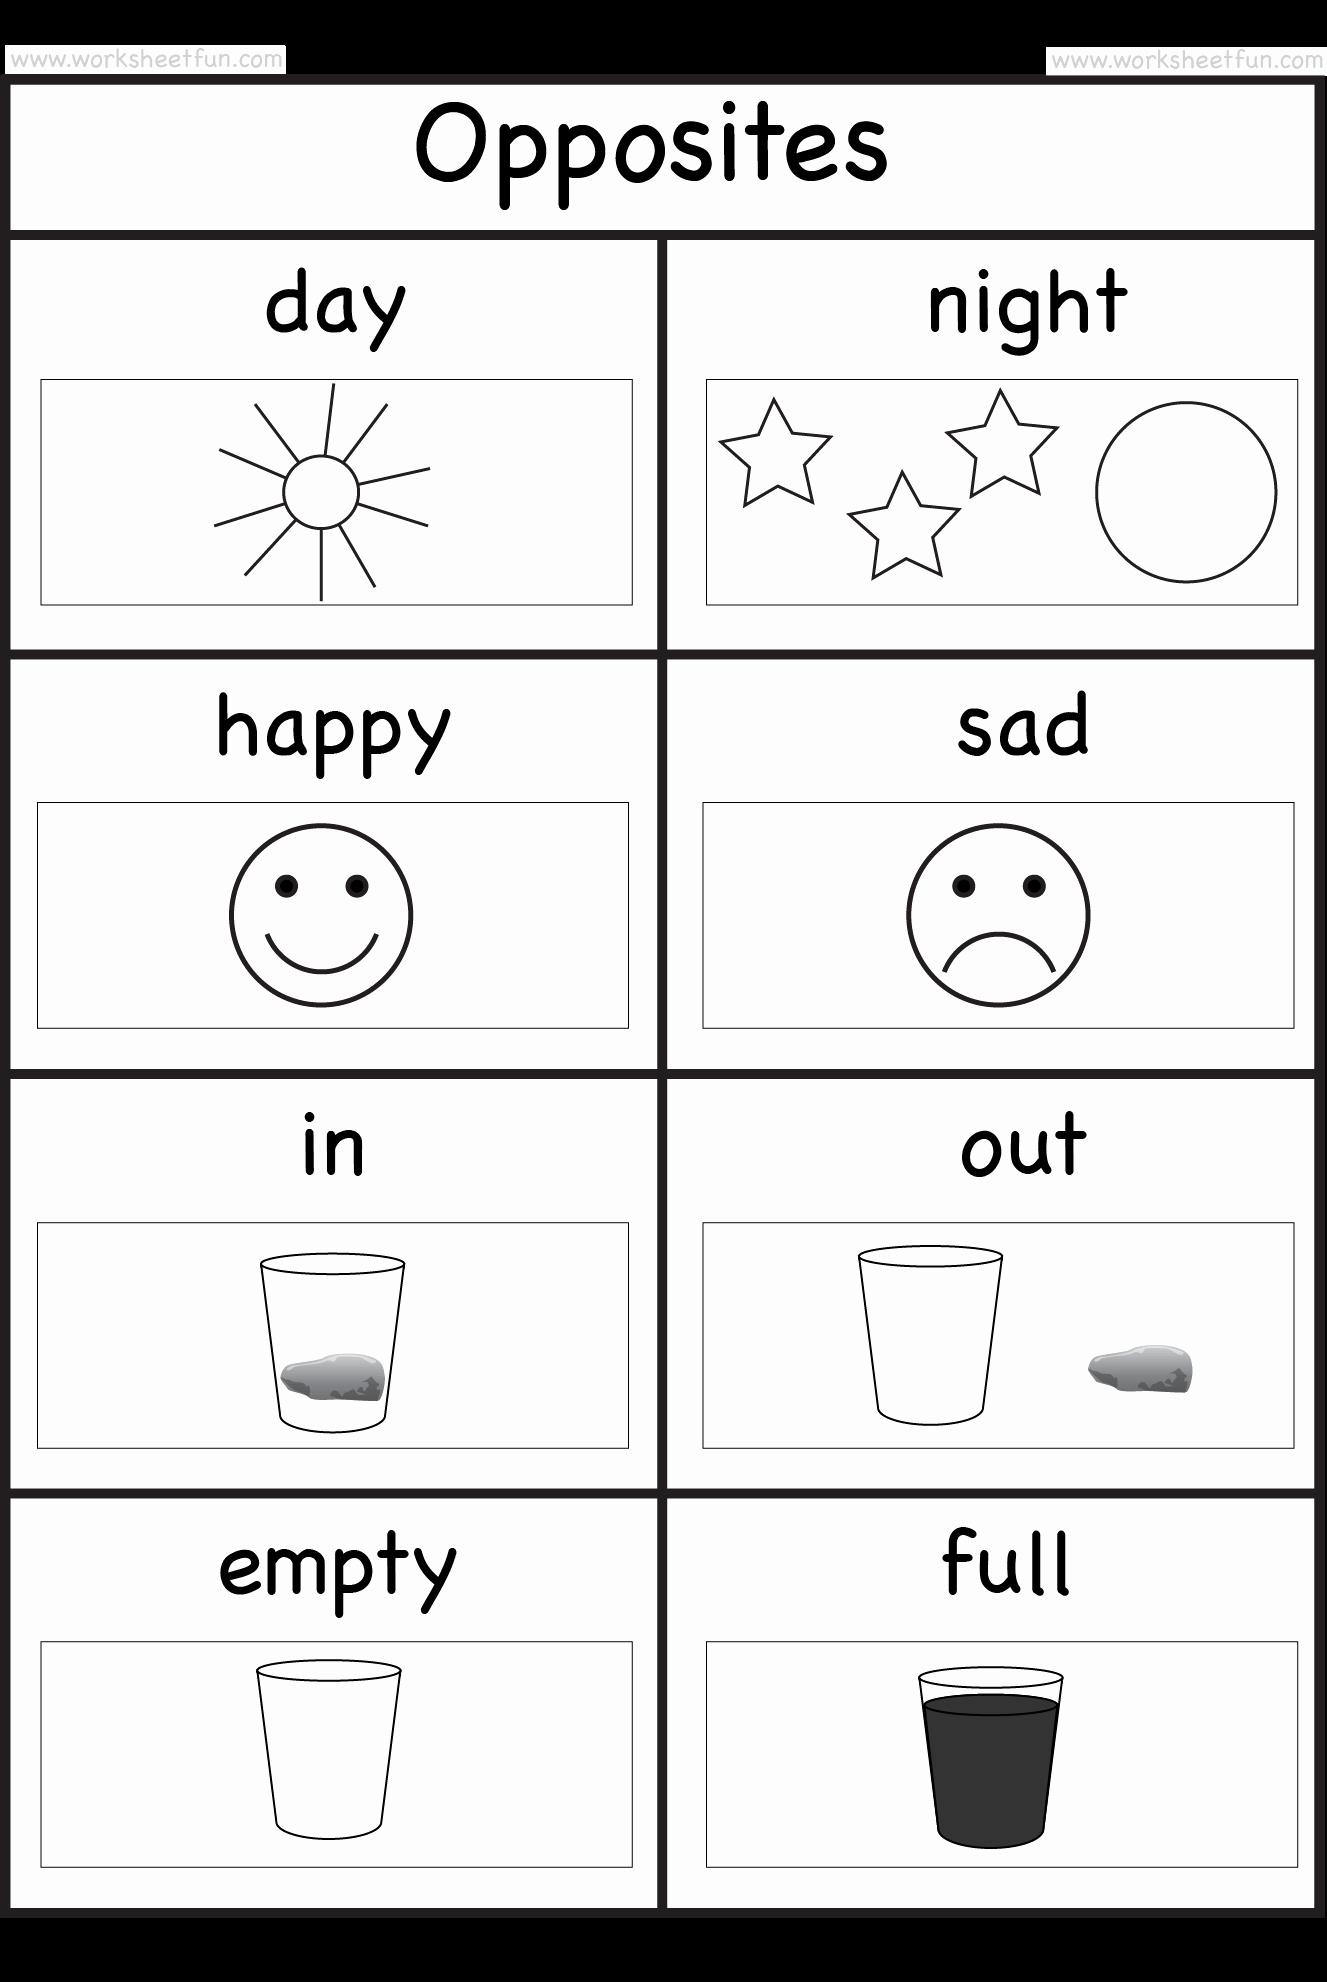 Opposites Worksheet for Preschool Best Of Match the Opposites Worksheet for Kindergarten